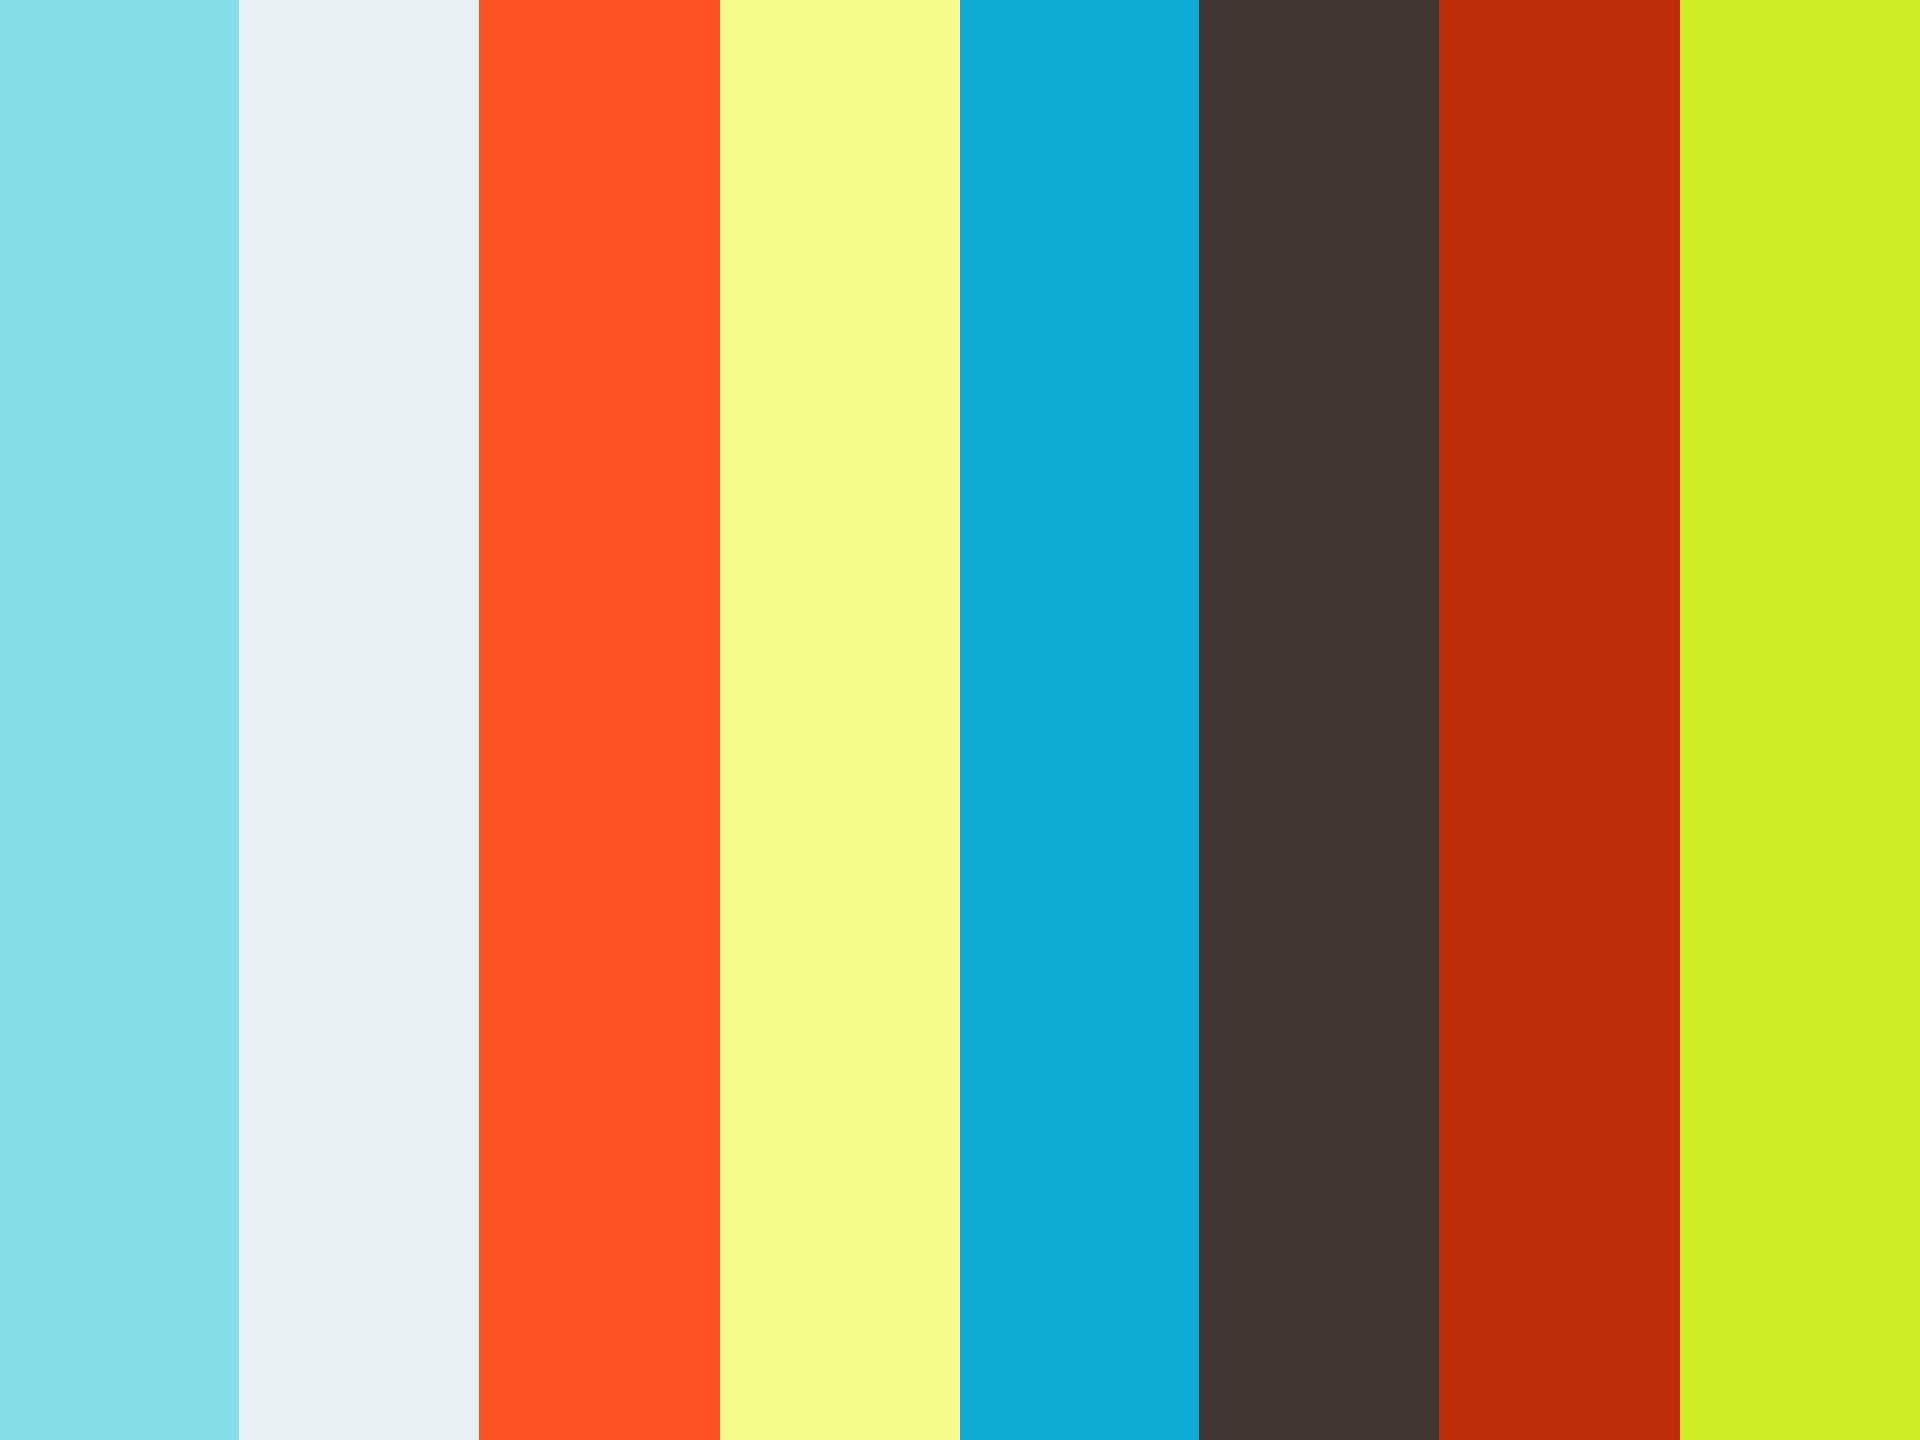 history of madness dst500 Découvrez le profil de keiron thompson-kozyrakis sur linkedin, la plus grande communauté professionnelle au monde keiron indique 6 postes sur son profil consultez le profil complet sur linkedin et découvrez les relations de keiron, ainsi que des emplois dans des entreprises similaires.